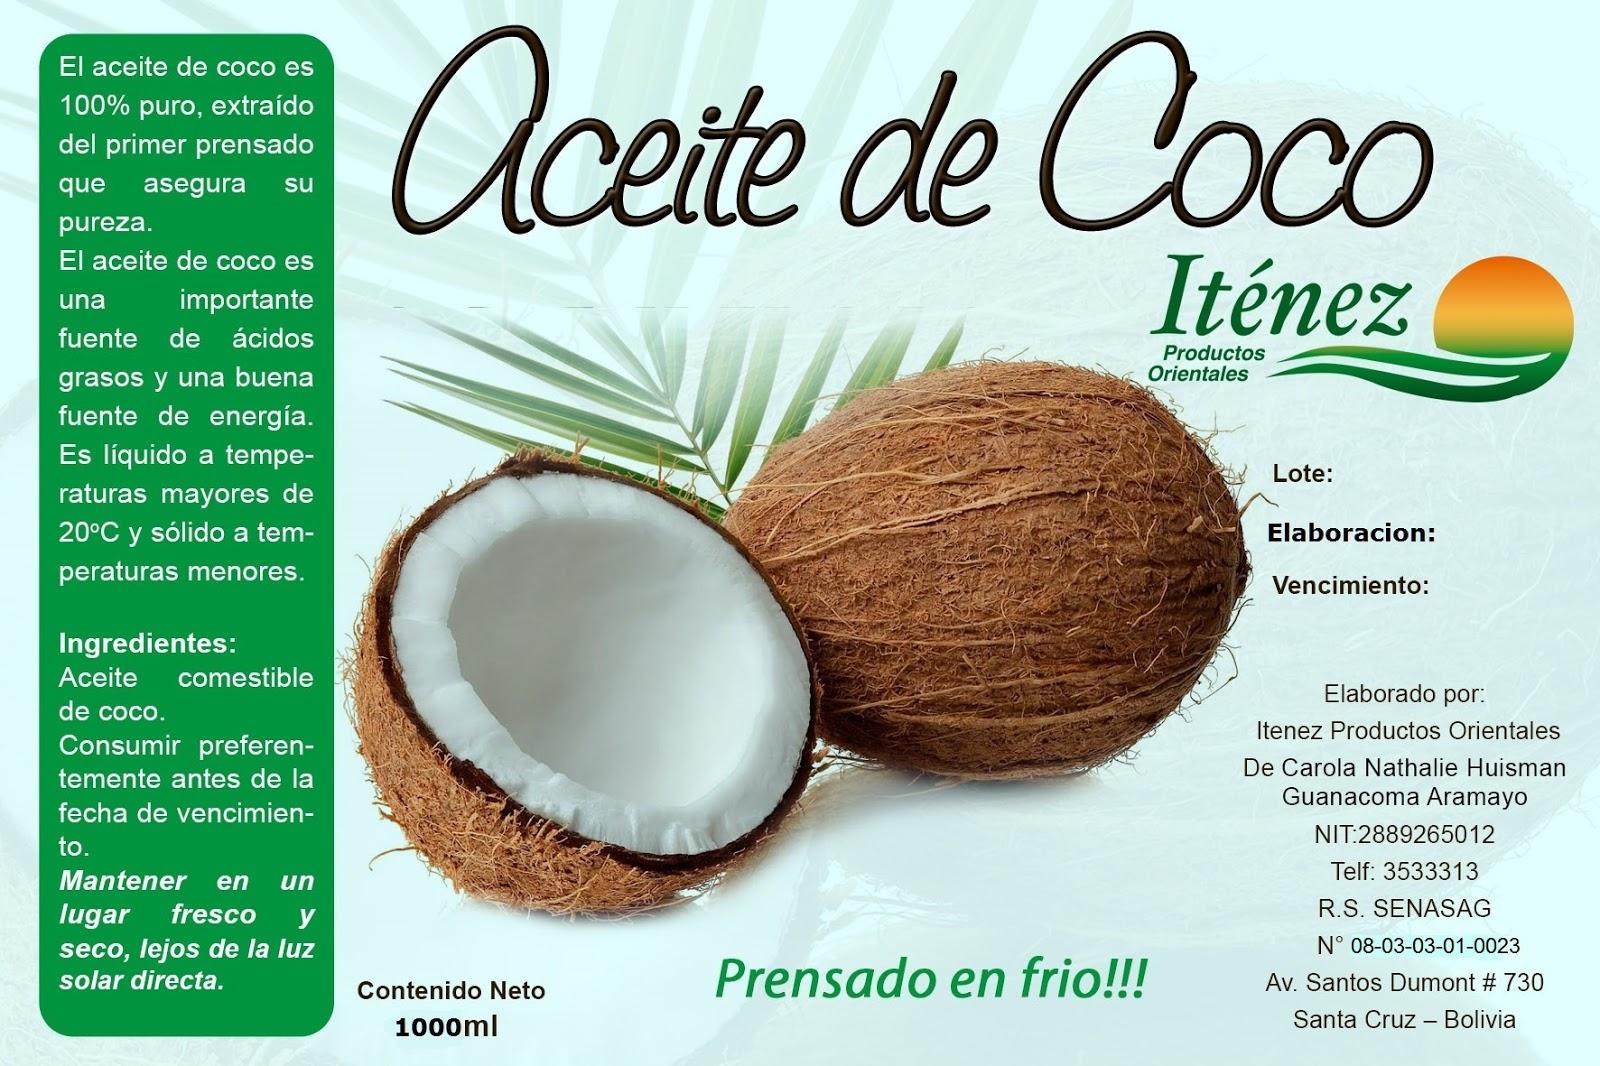 Donde puedo comprar aceite de coco solido